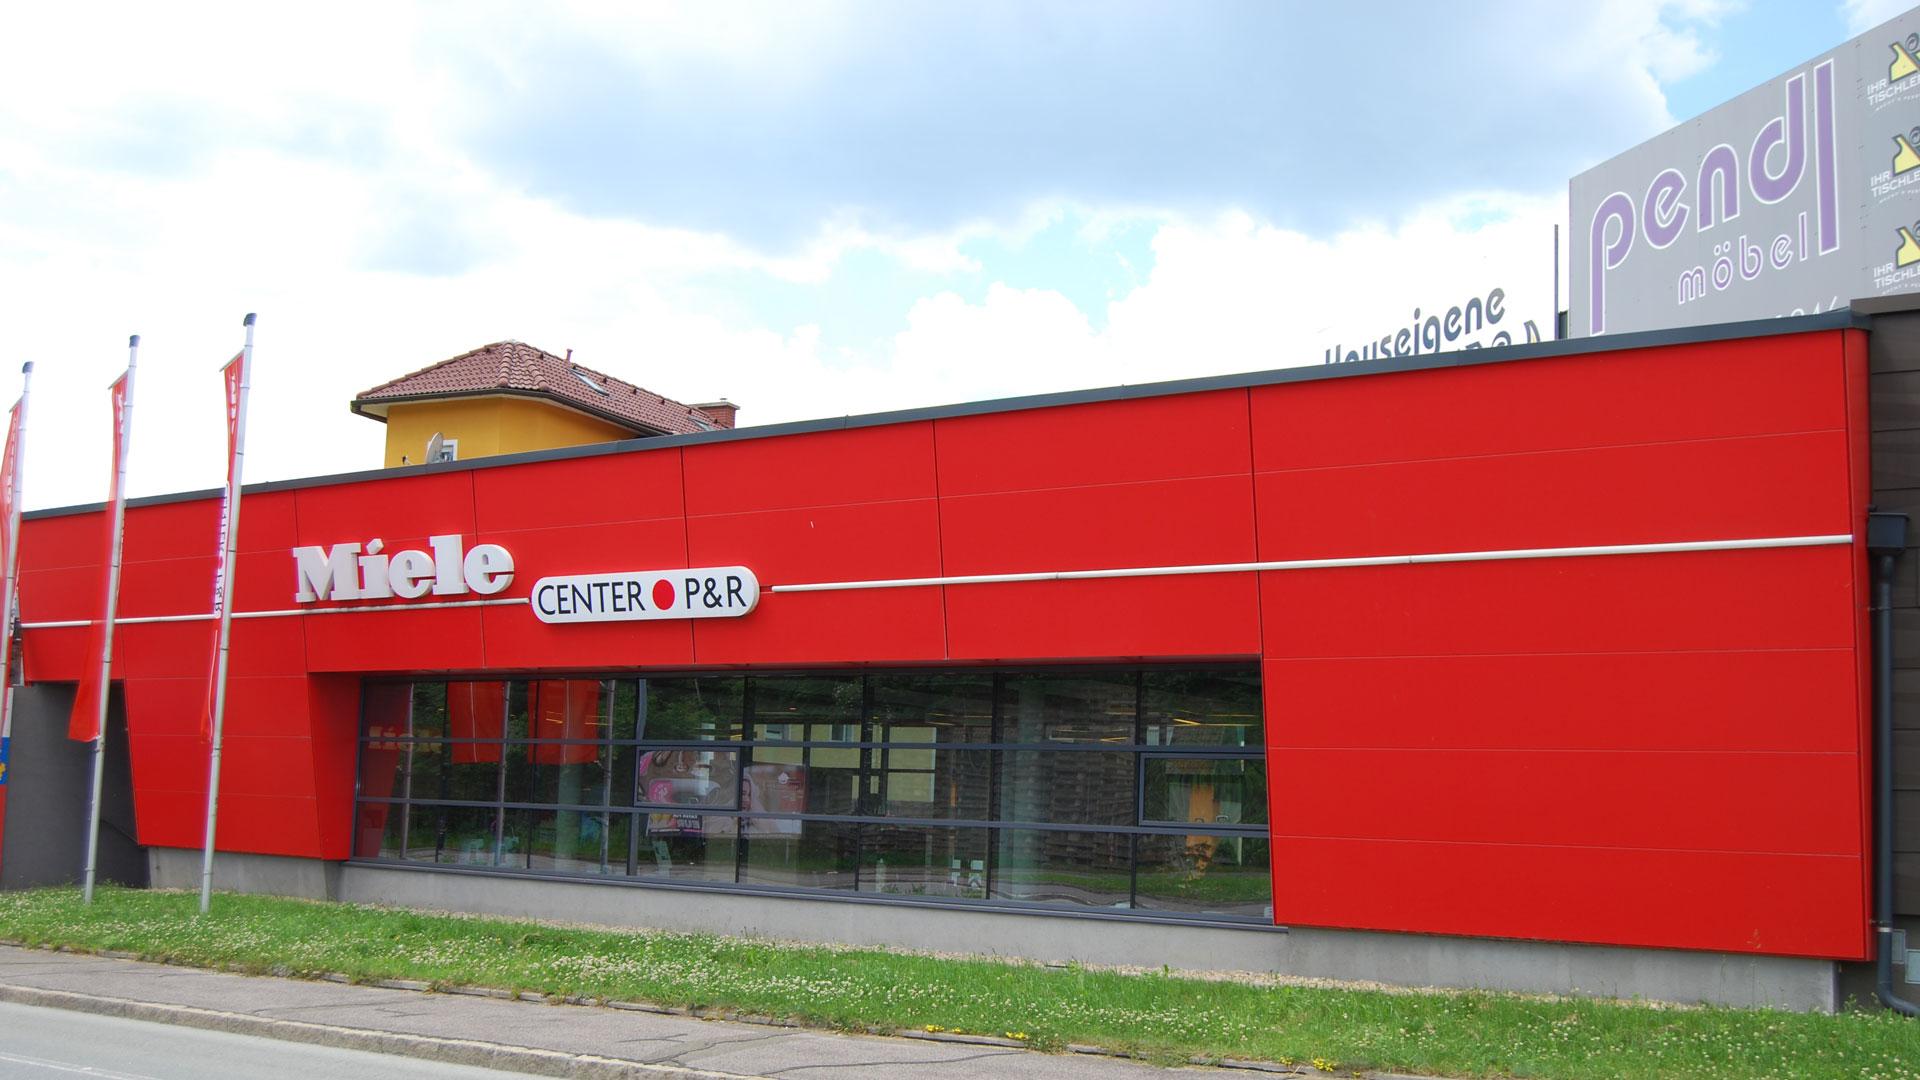 Miele Center P & R mit hauseigener Tischlerei und Küchenstudio in Leoben, Steiermark